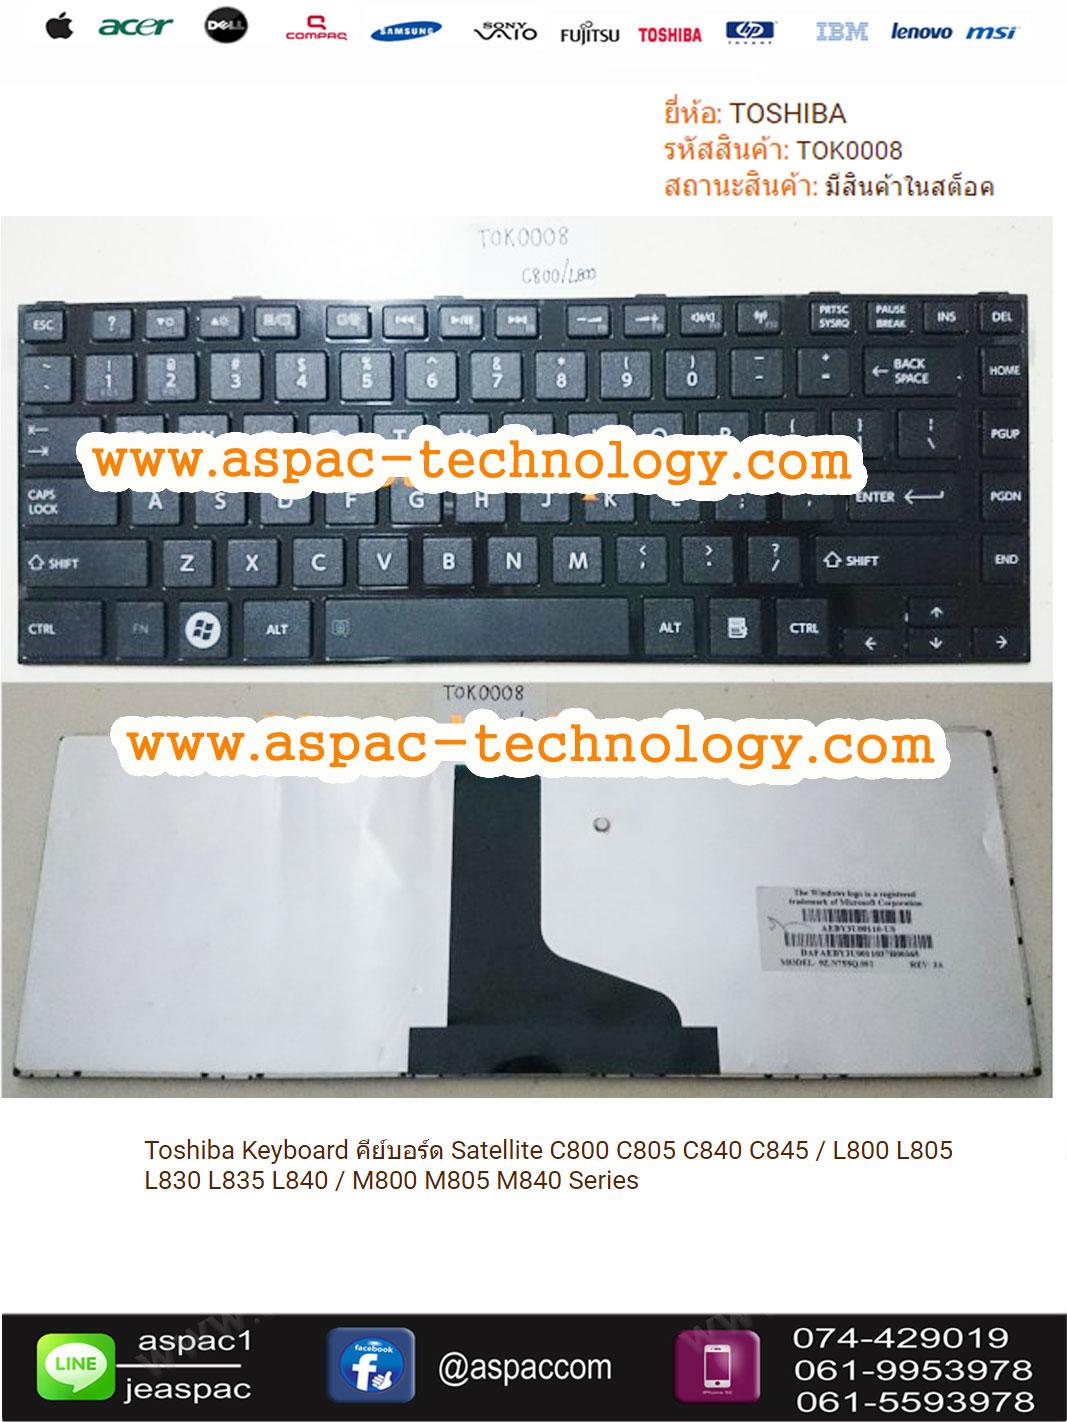 Toshiba Keyboard คีย์บอร์ด Satellite C800 C805 C840 C845 / L800 L805 L830 L835 L840 / M800 M805 M840 Series